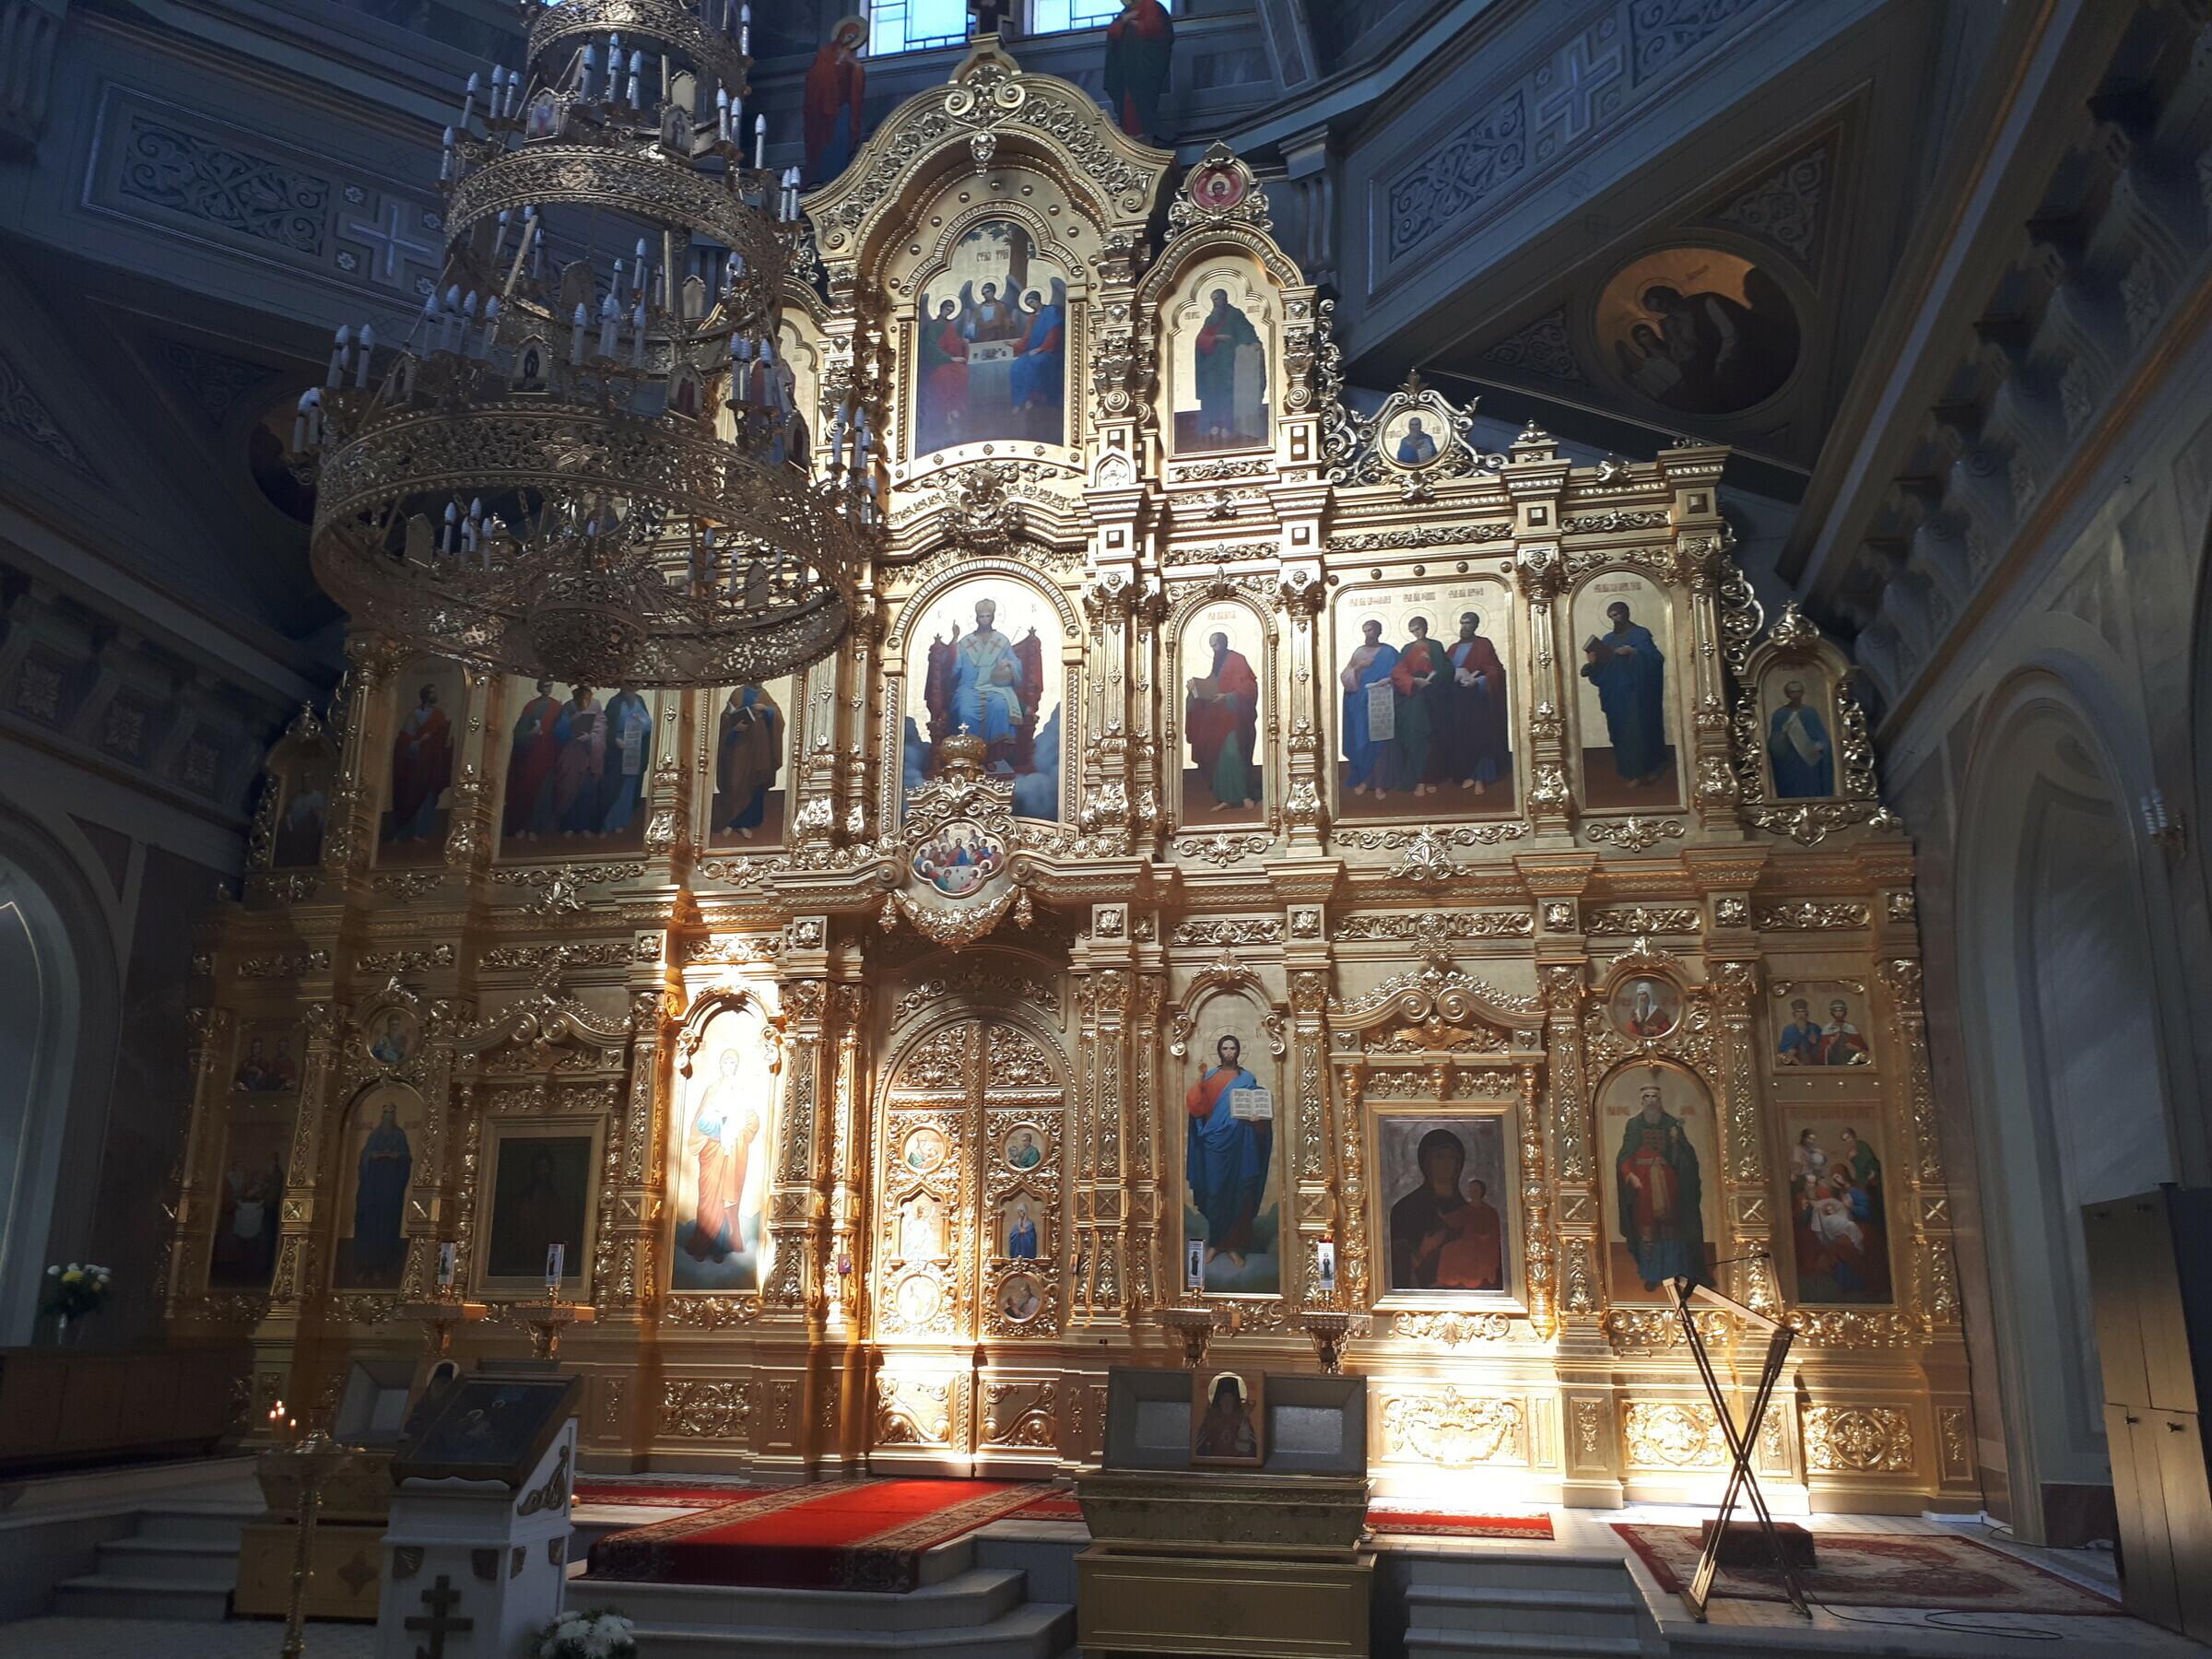 производители иконостас успенского собора владимира фото писал ради простой